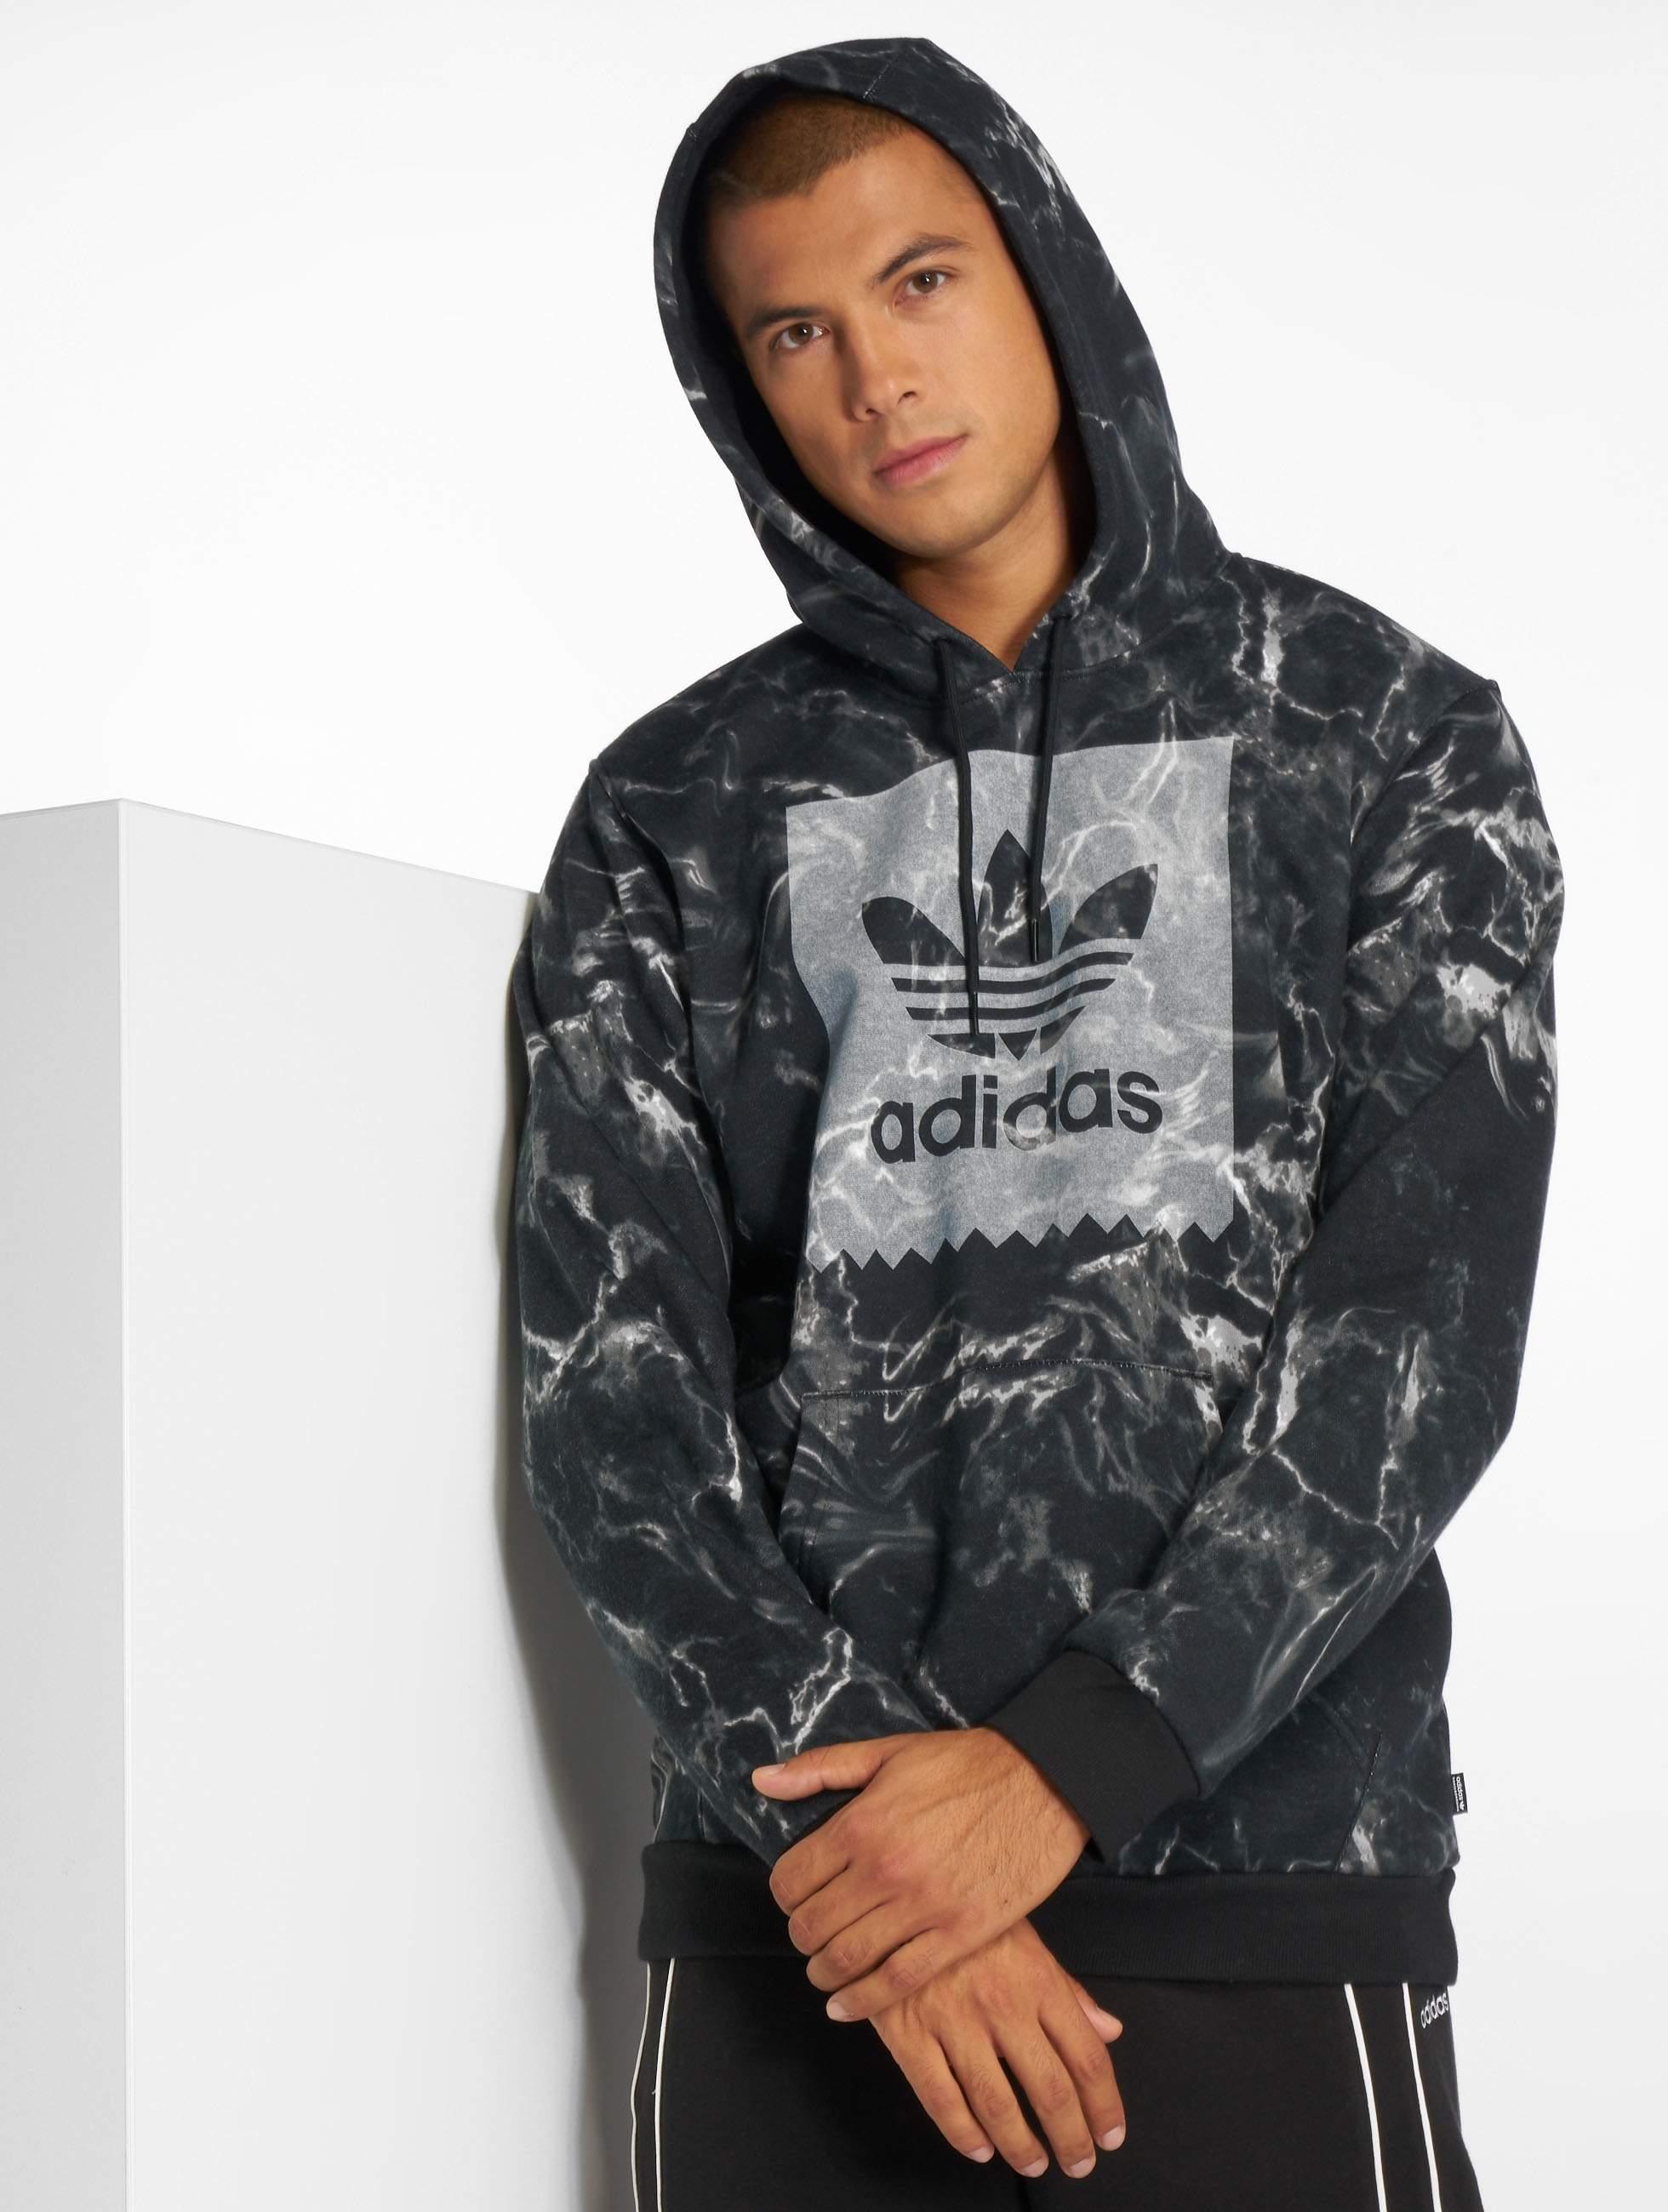 Adidas Originals Mrble Aop Hd Hoody Black